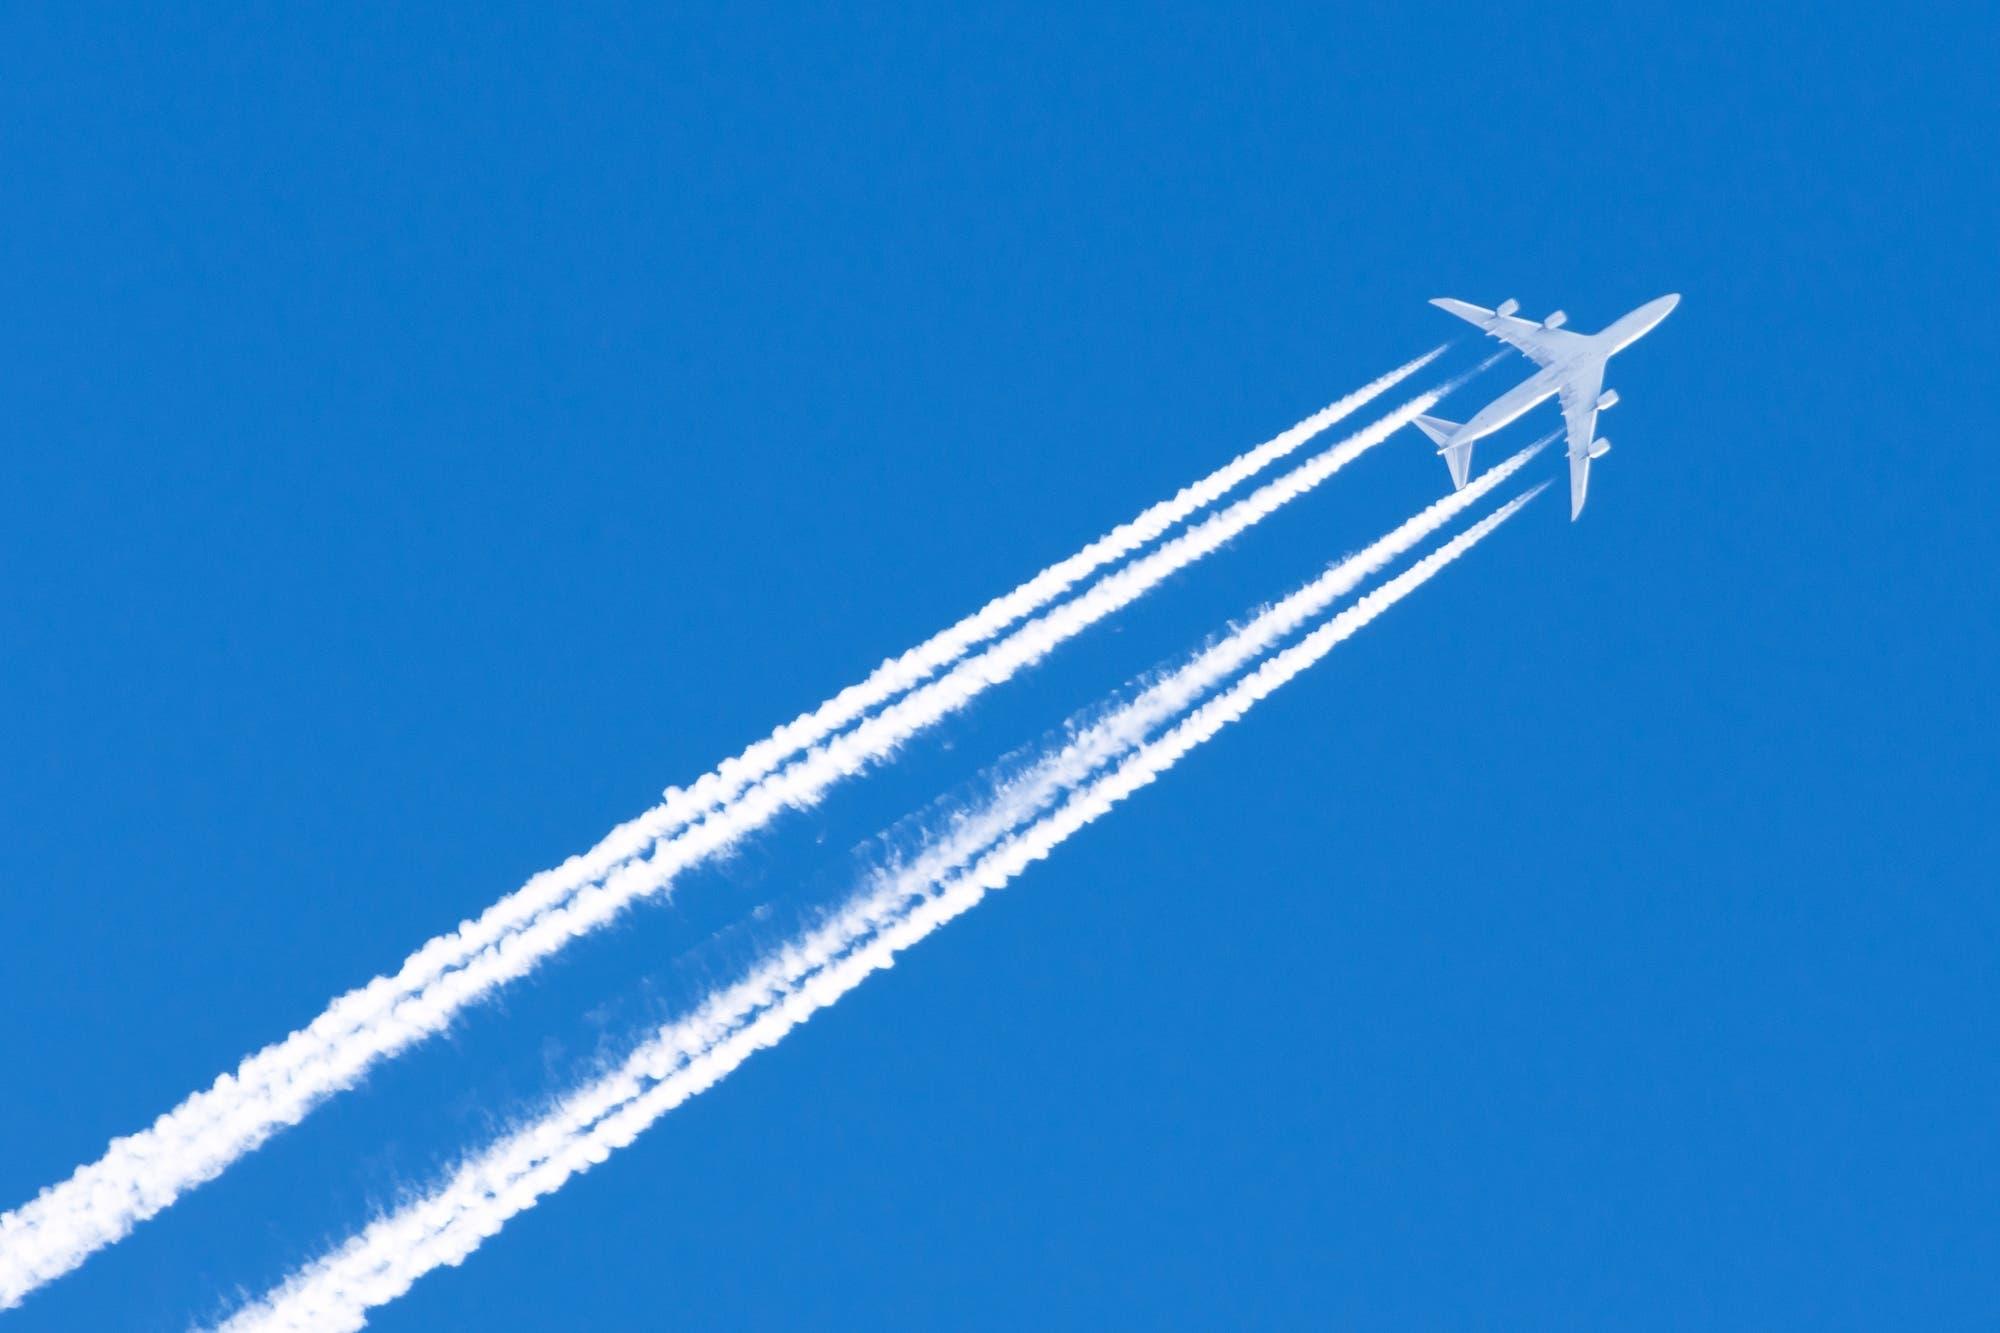 Cuán cierto es que podemos viajar en avión sin contaminar el planeta